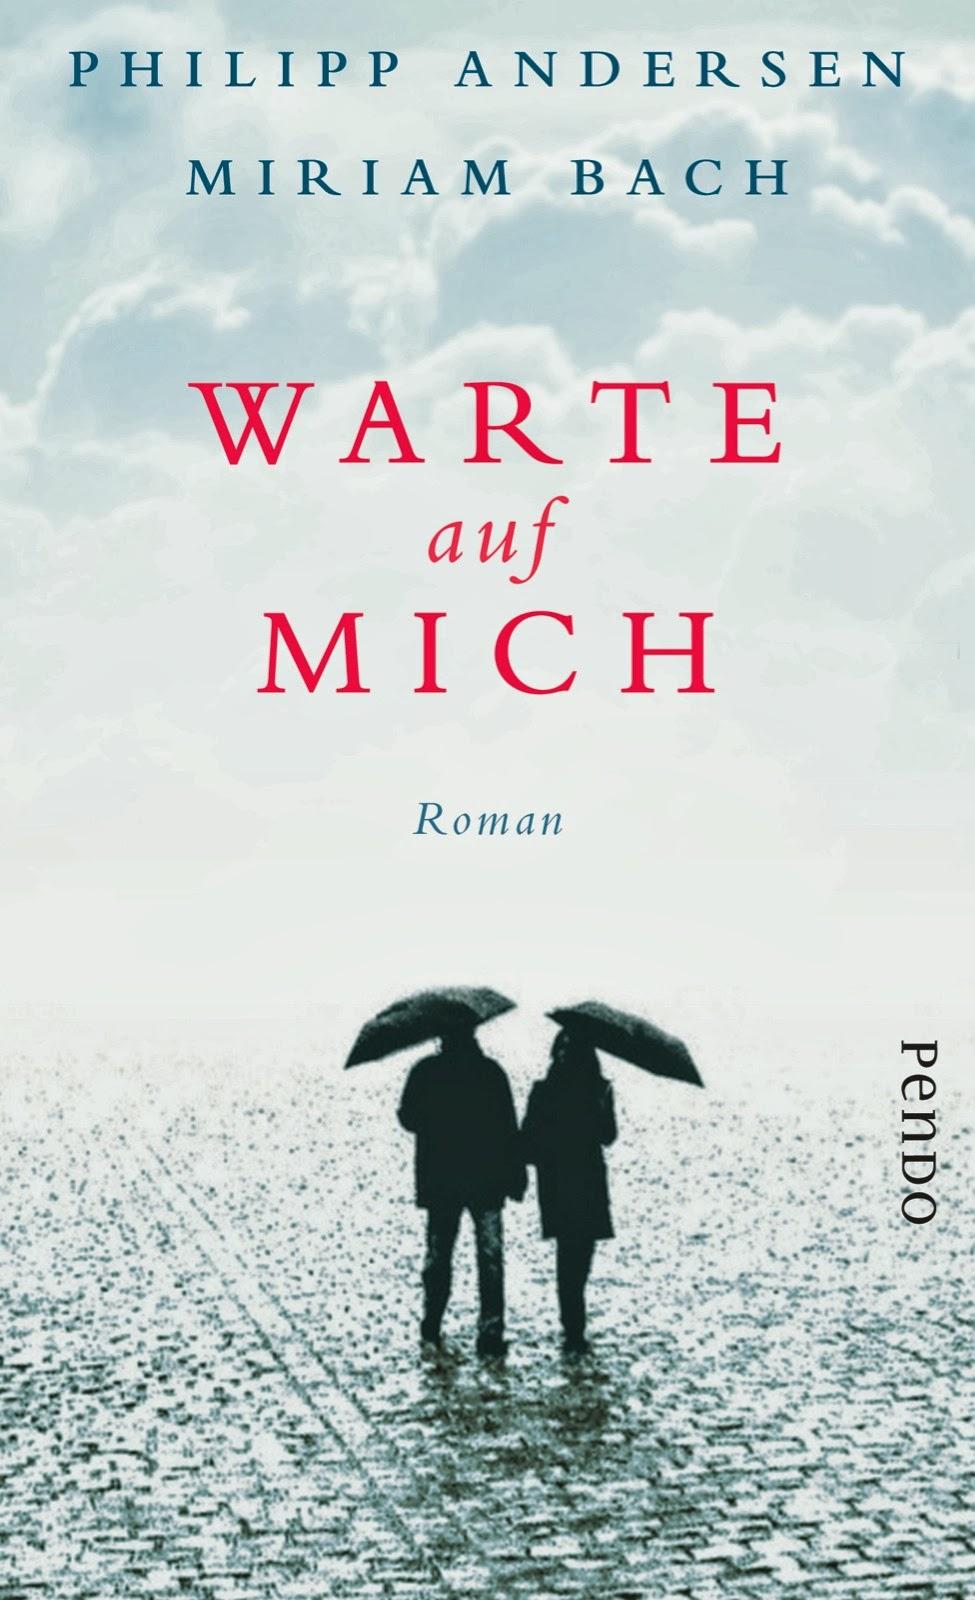 http://www.piper.de/buecher/warte-auf-mich-isbn-978-3-86612-357-1?tx_auwpiper_bookdetail[author]=